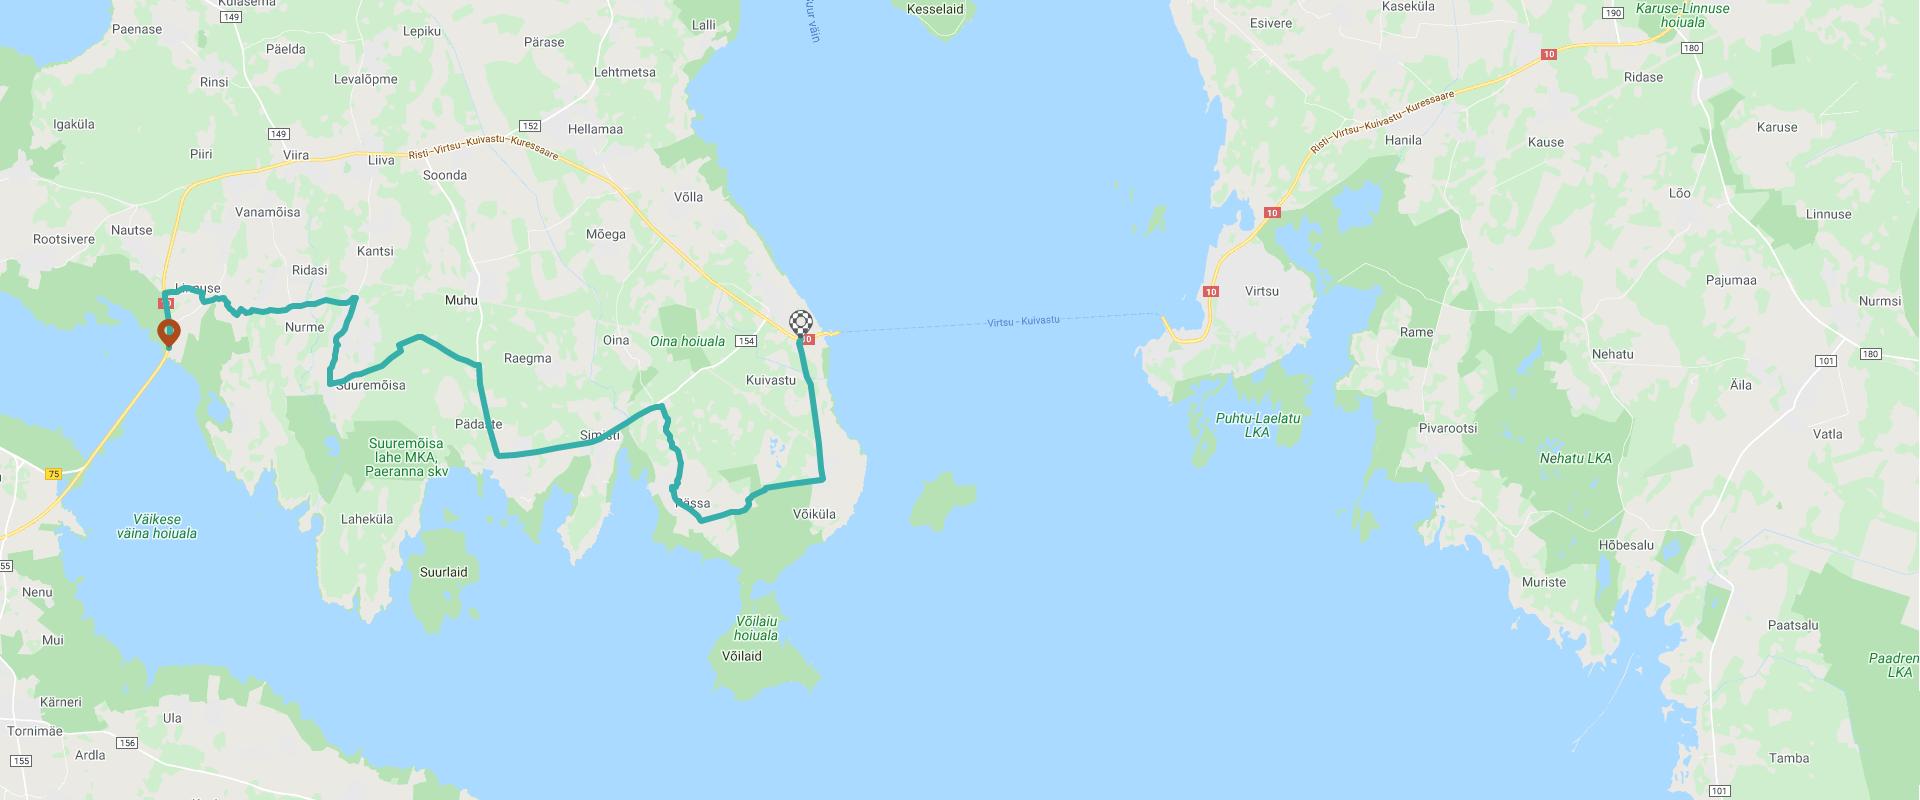 Klick auf der Karte um die Route zu sehen